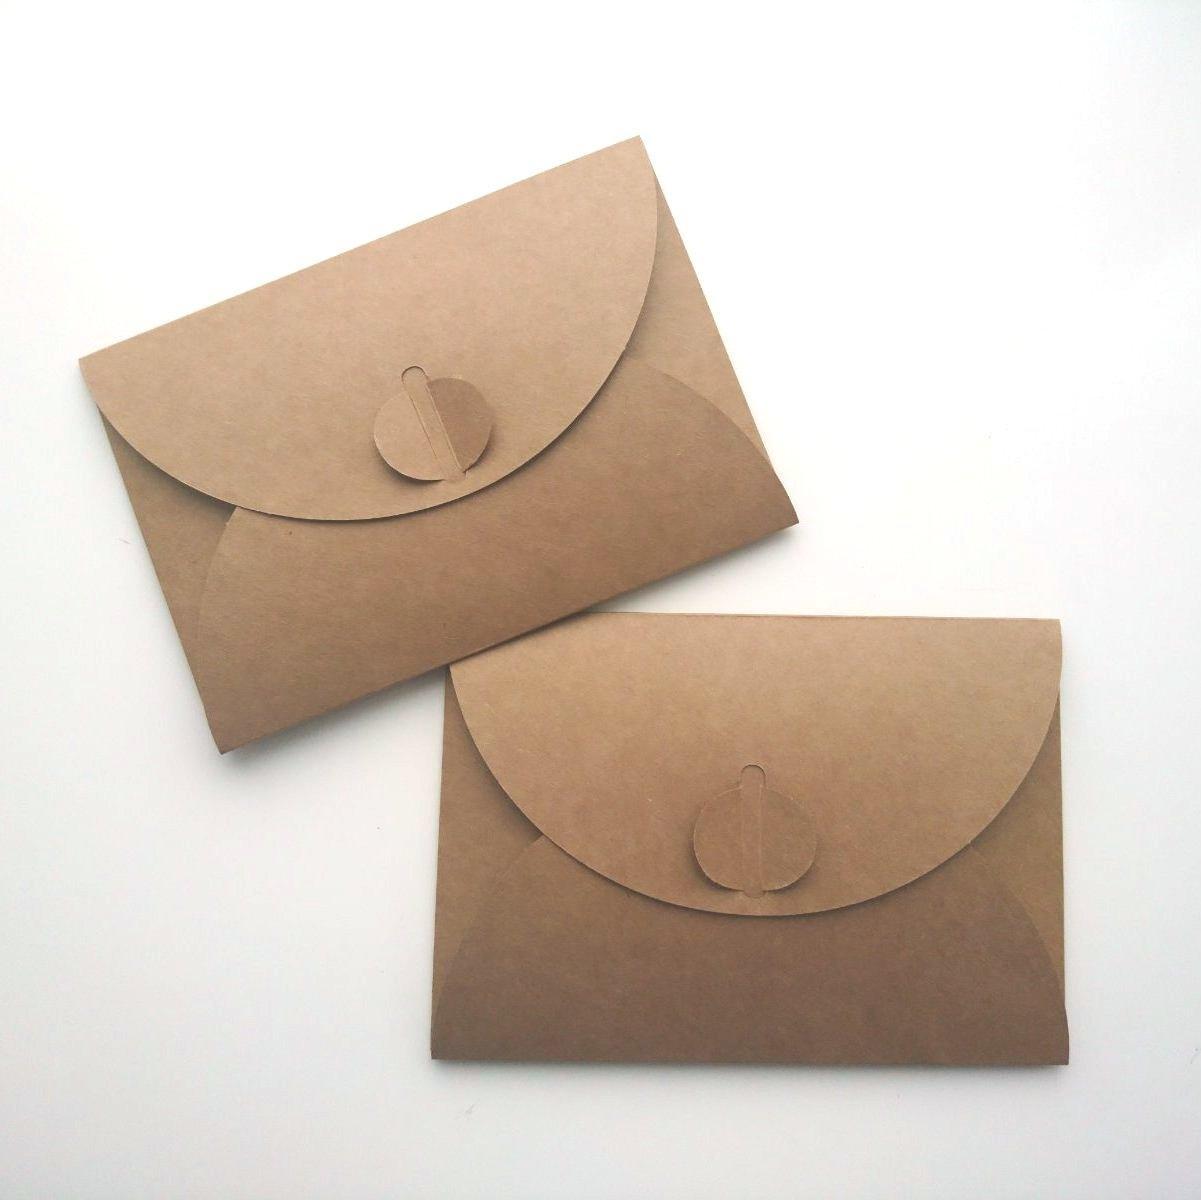 Подарочный конверт из эко крафт-картона, 60х90 мм, 225 гр/кв.м